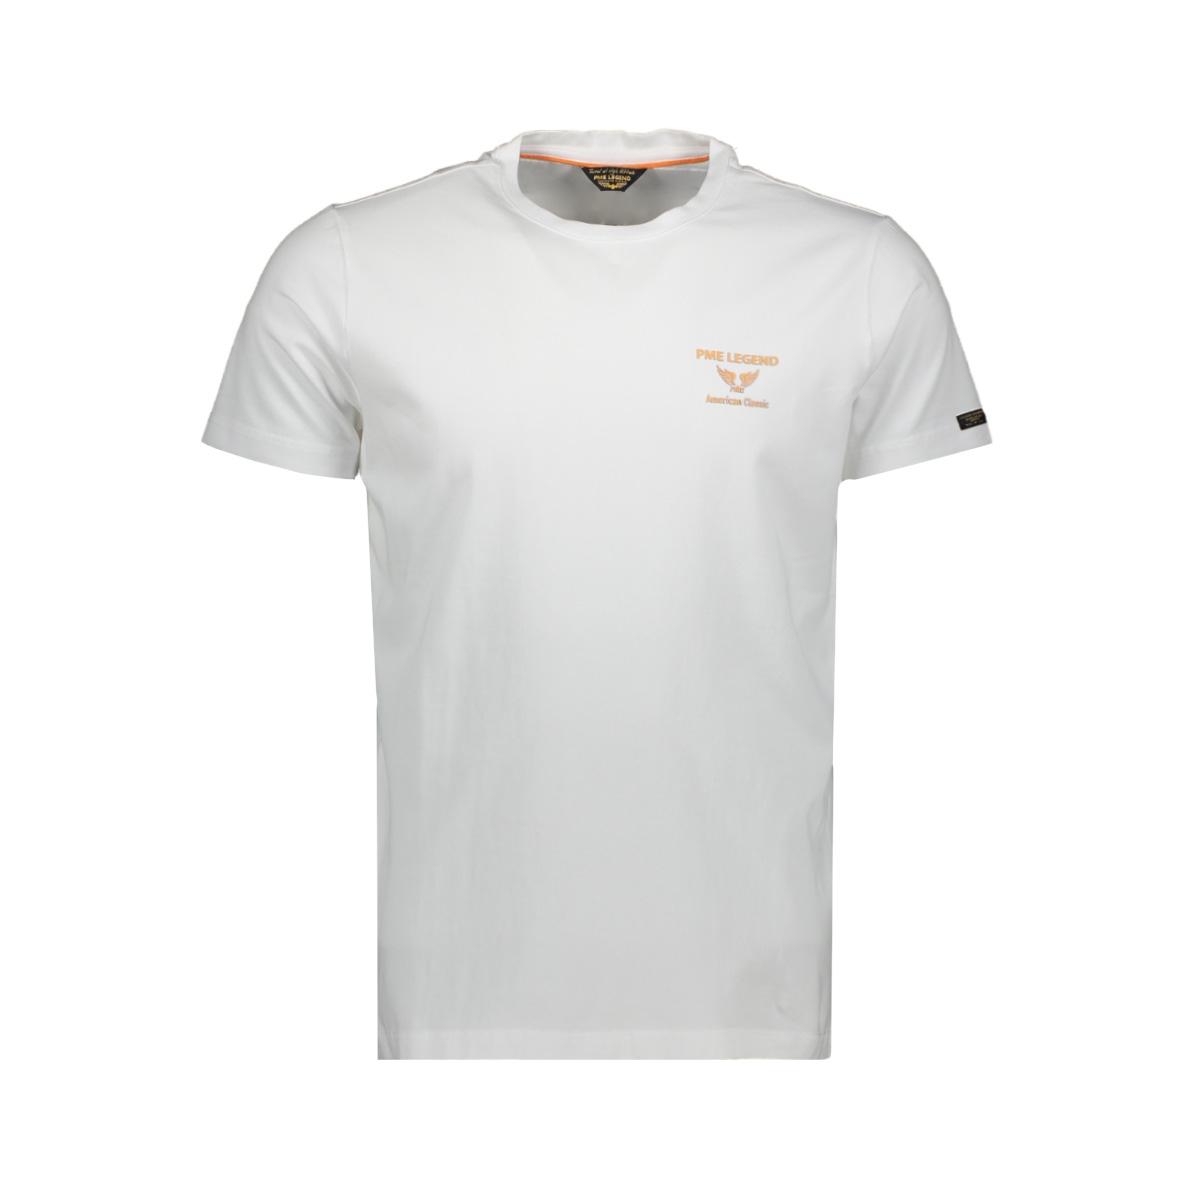 short sleeve shirt ptss204500 pme legend t-shirt 7003